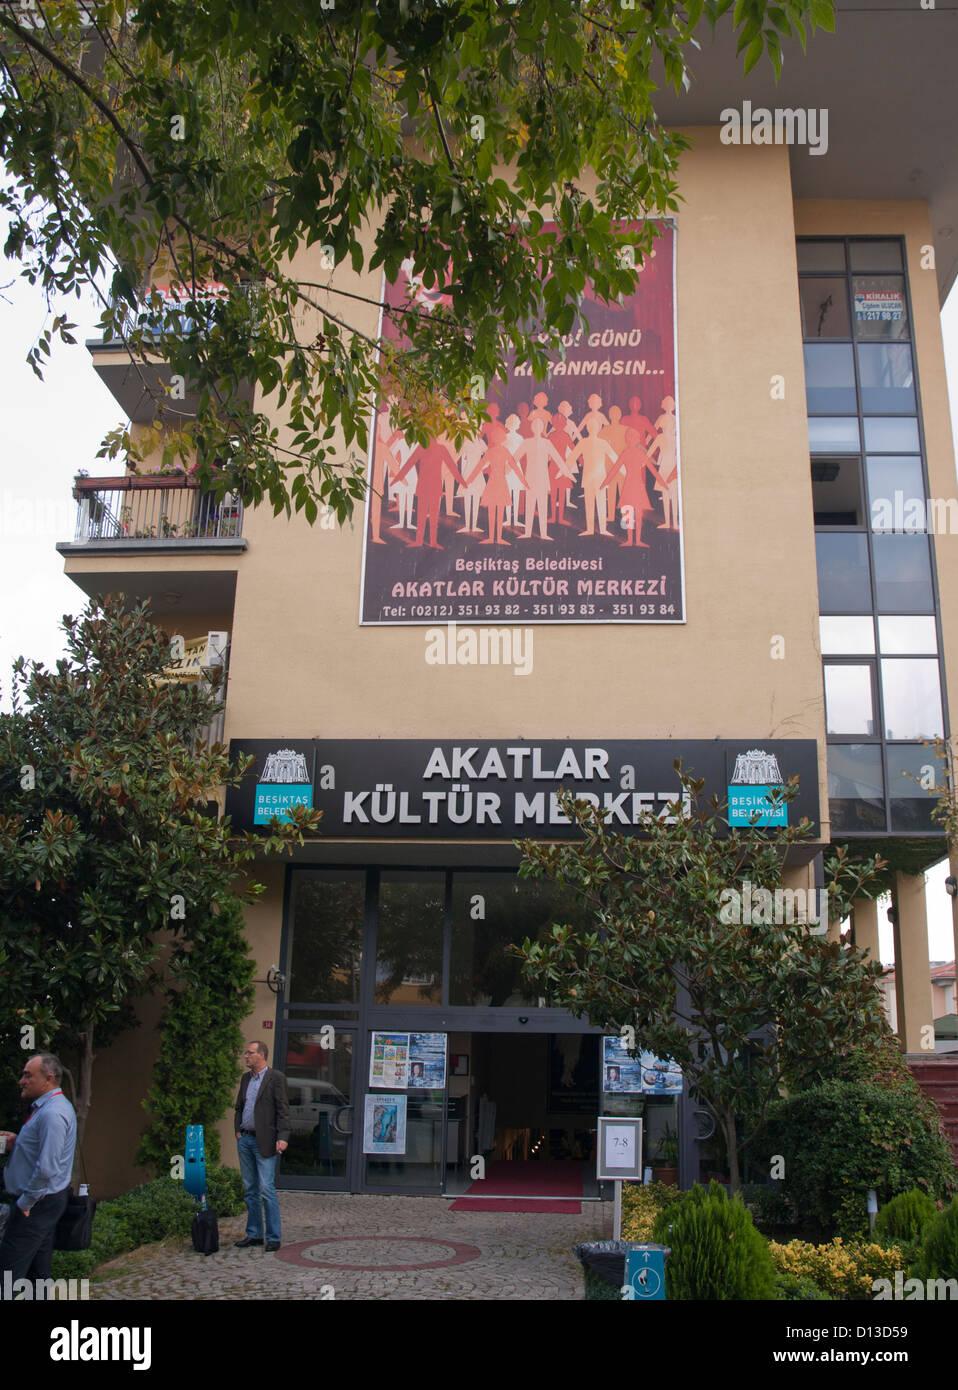 Akatlar Kultur Merkesi, Kulturzentrum in Besiktas Istanbul Türkei Stockbild